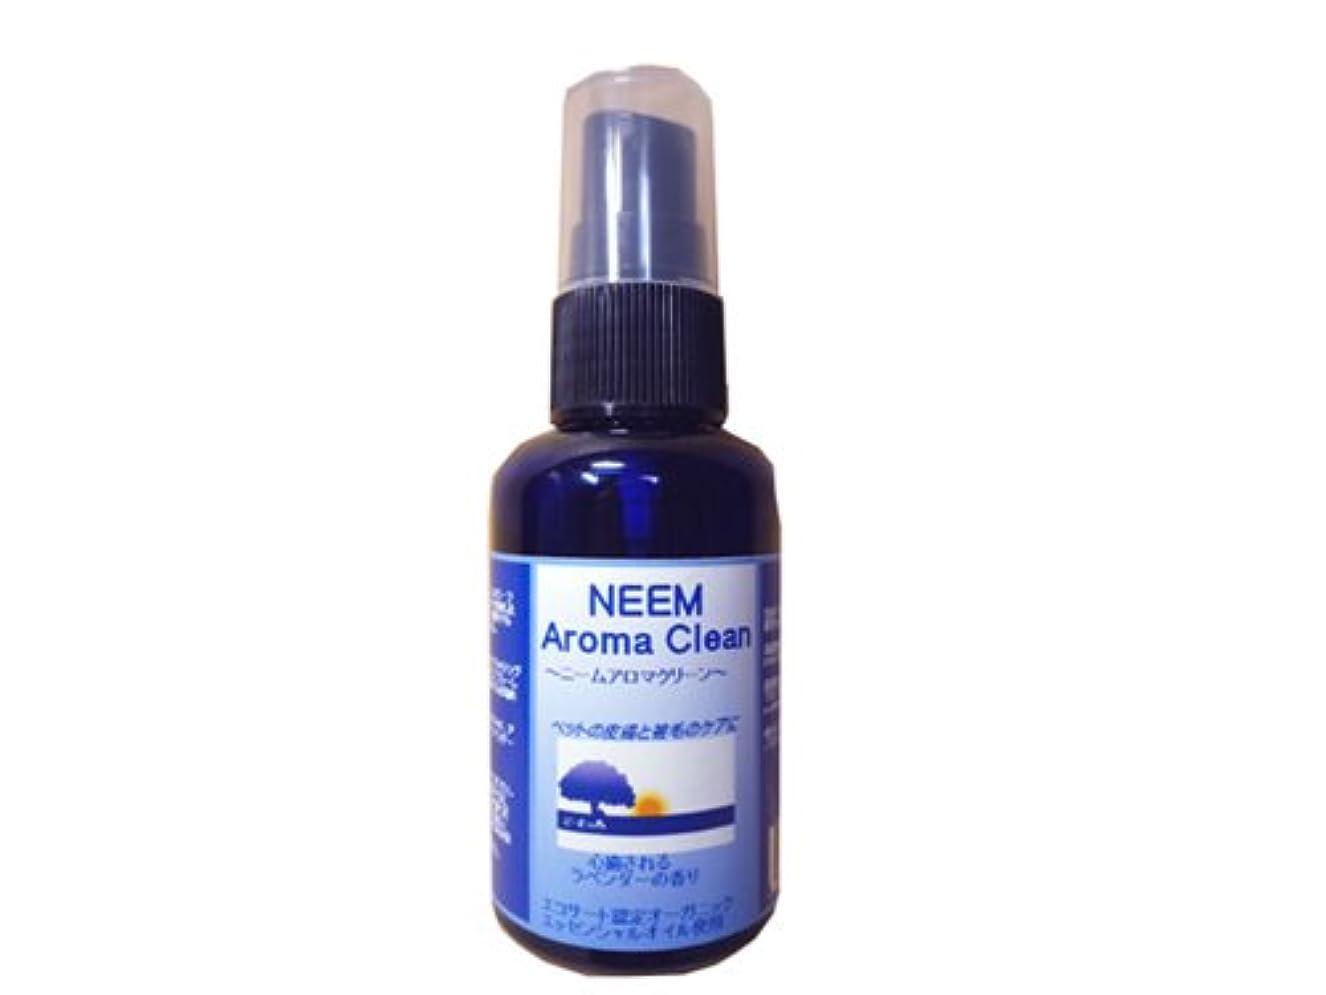 アセ服トランスミッションニームアロマクリーン(ラベンダー) NEEM Aroma Clean 50ml 【BLOOM】【(ノミ?ダニ)駆除用としてもお使いいただけます。】